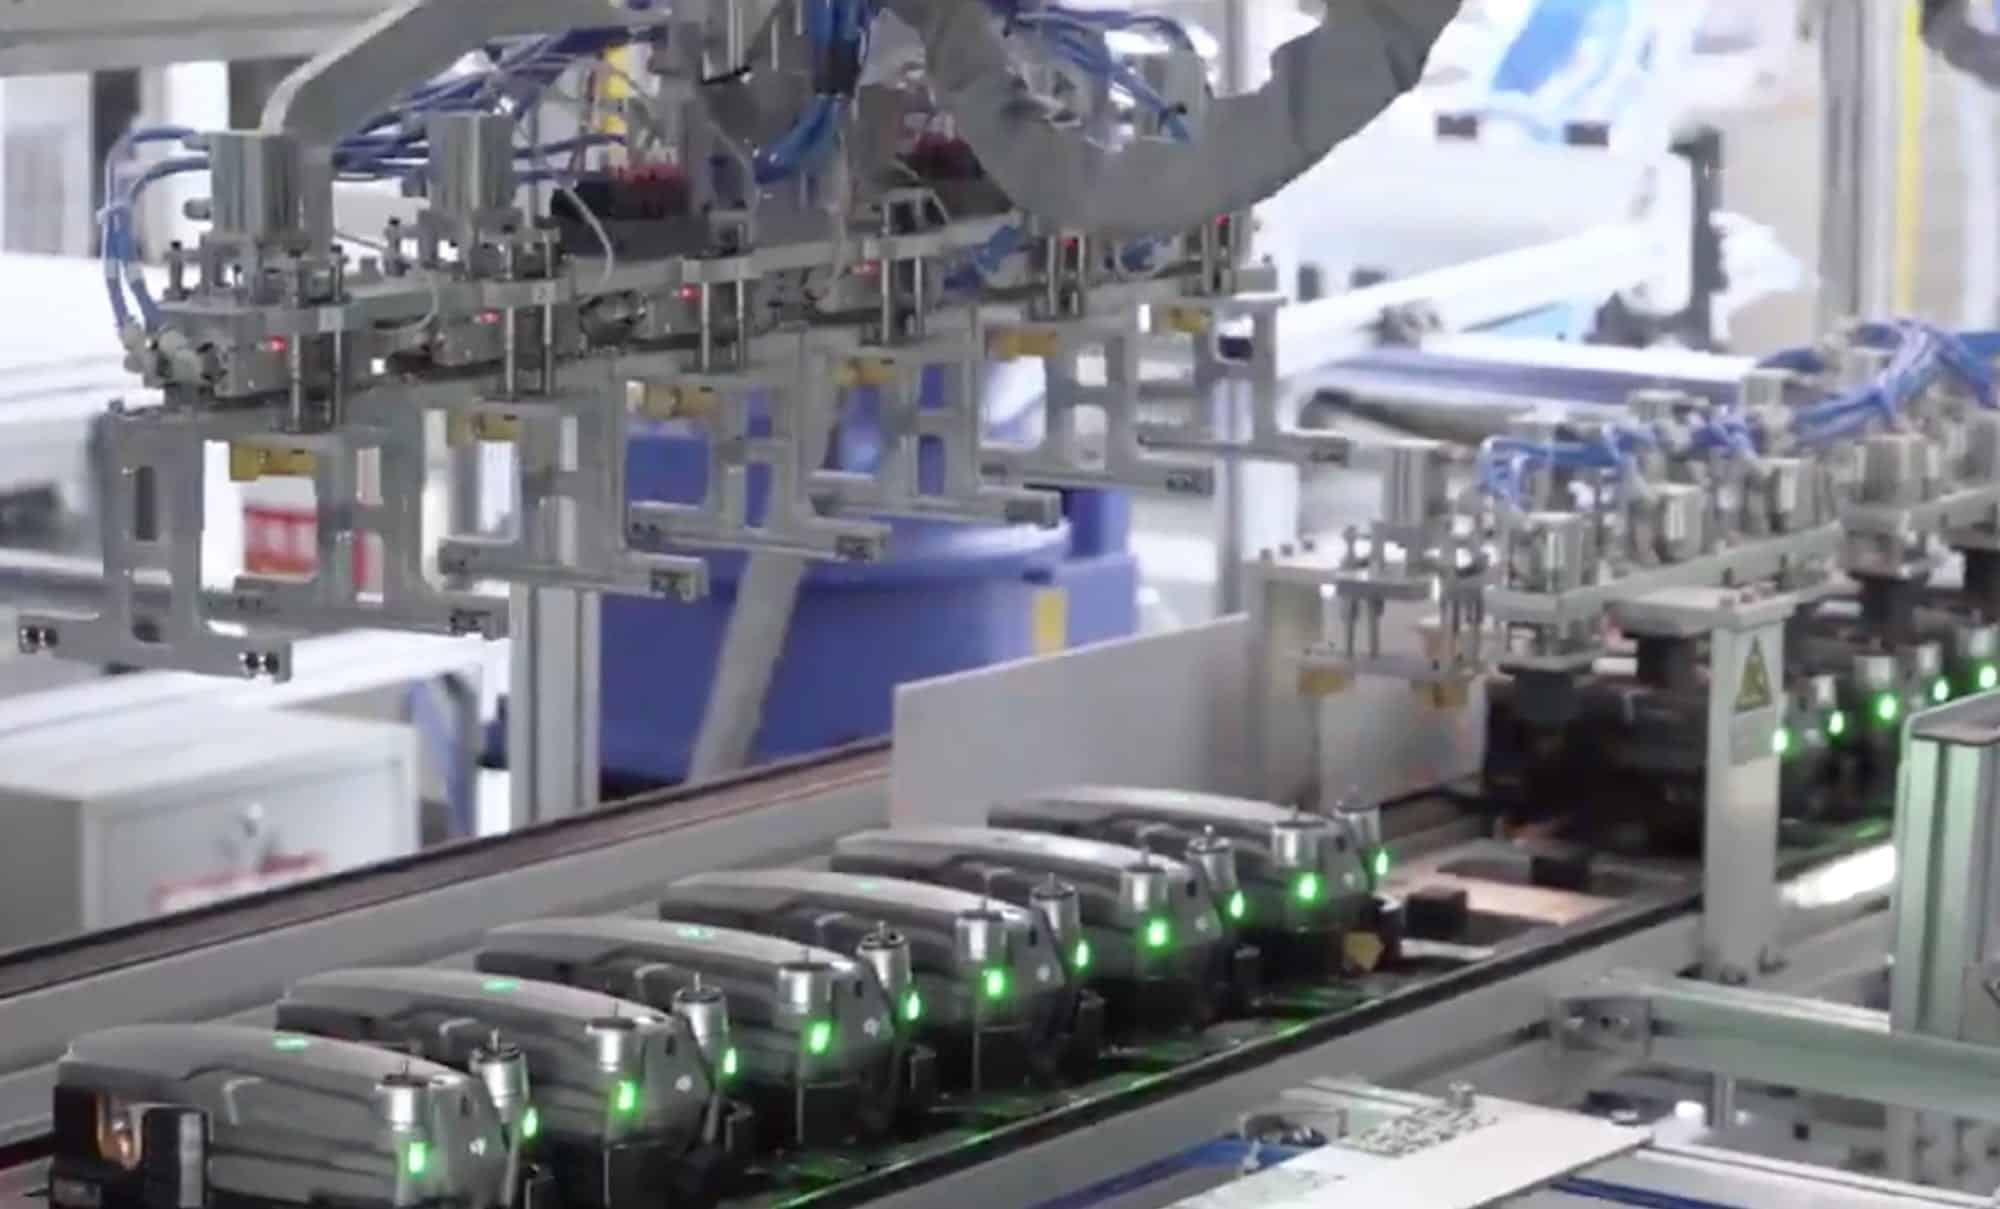 DJI factory tour: production DJI Mavic 2 shown in leaked video